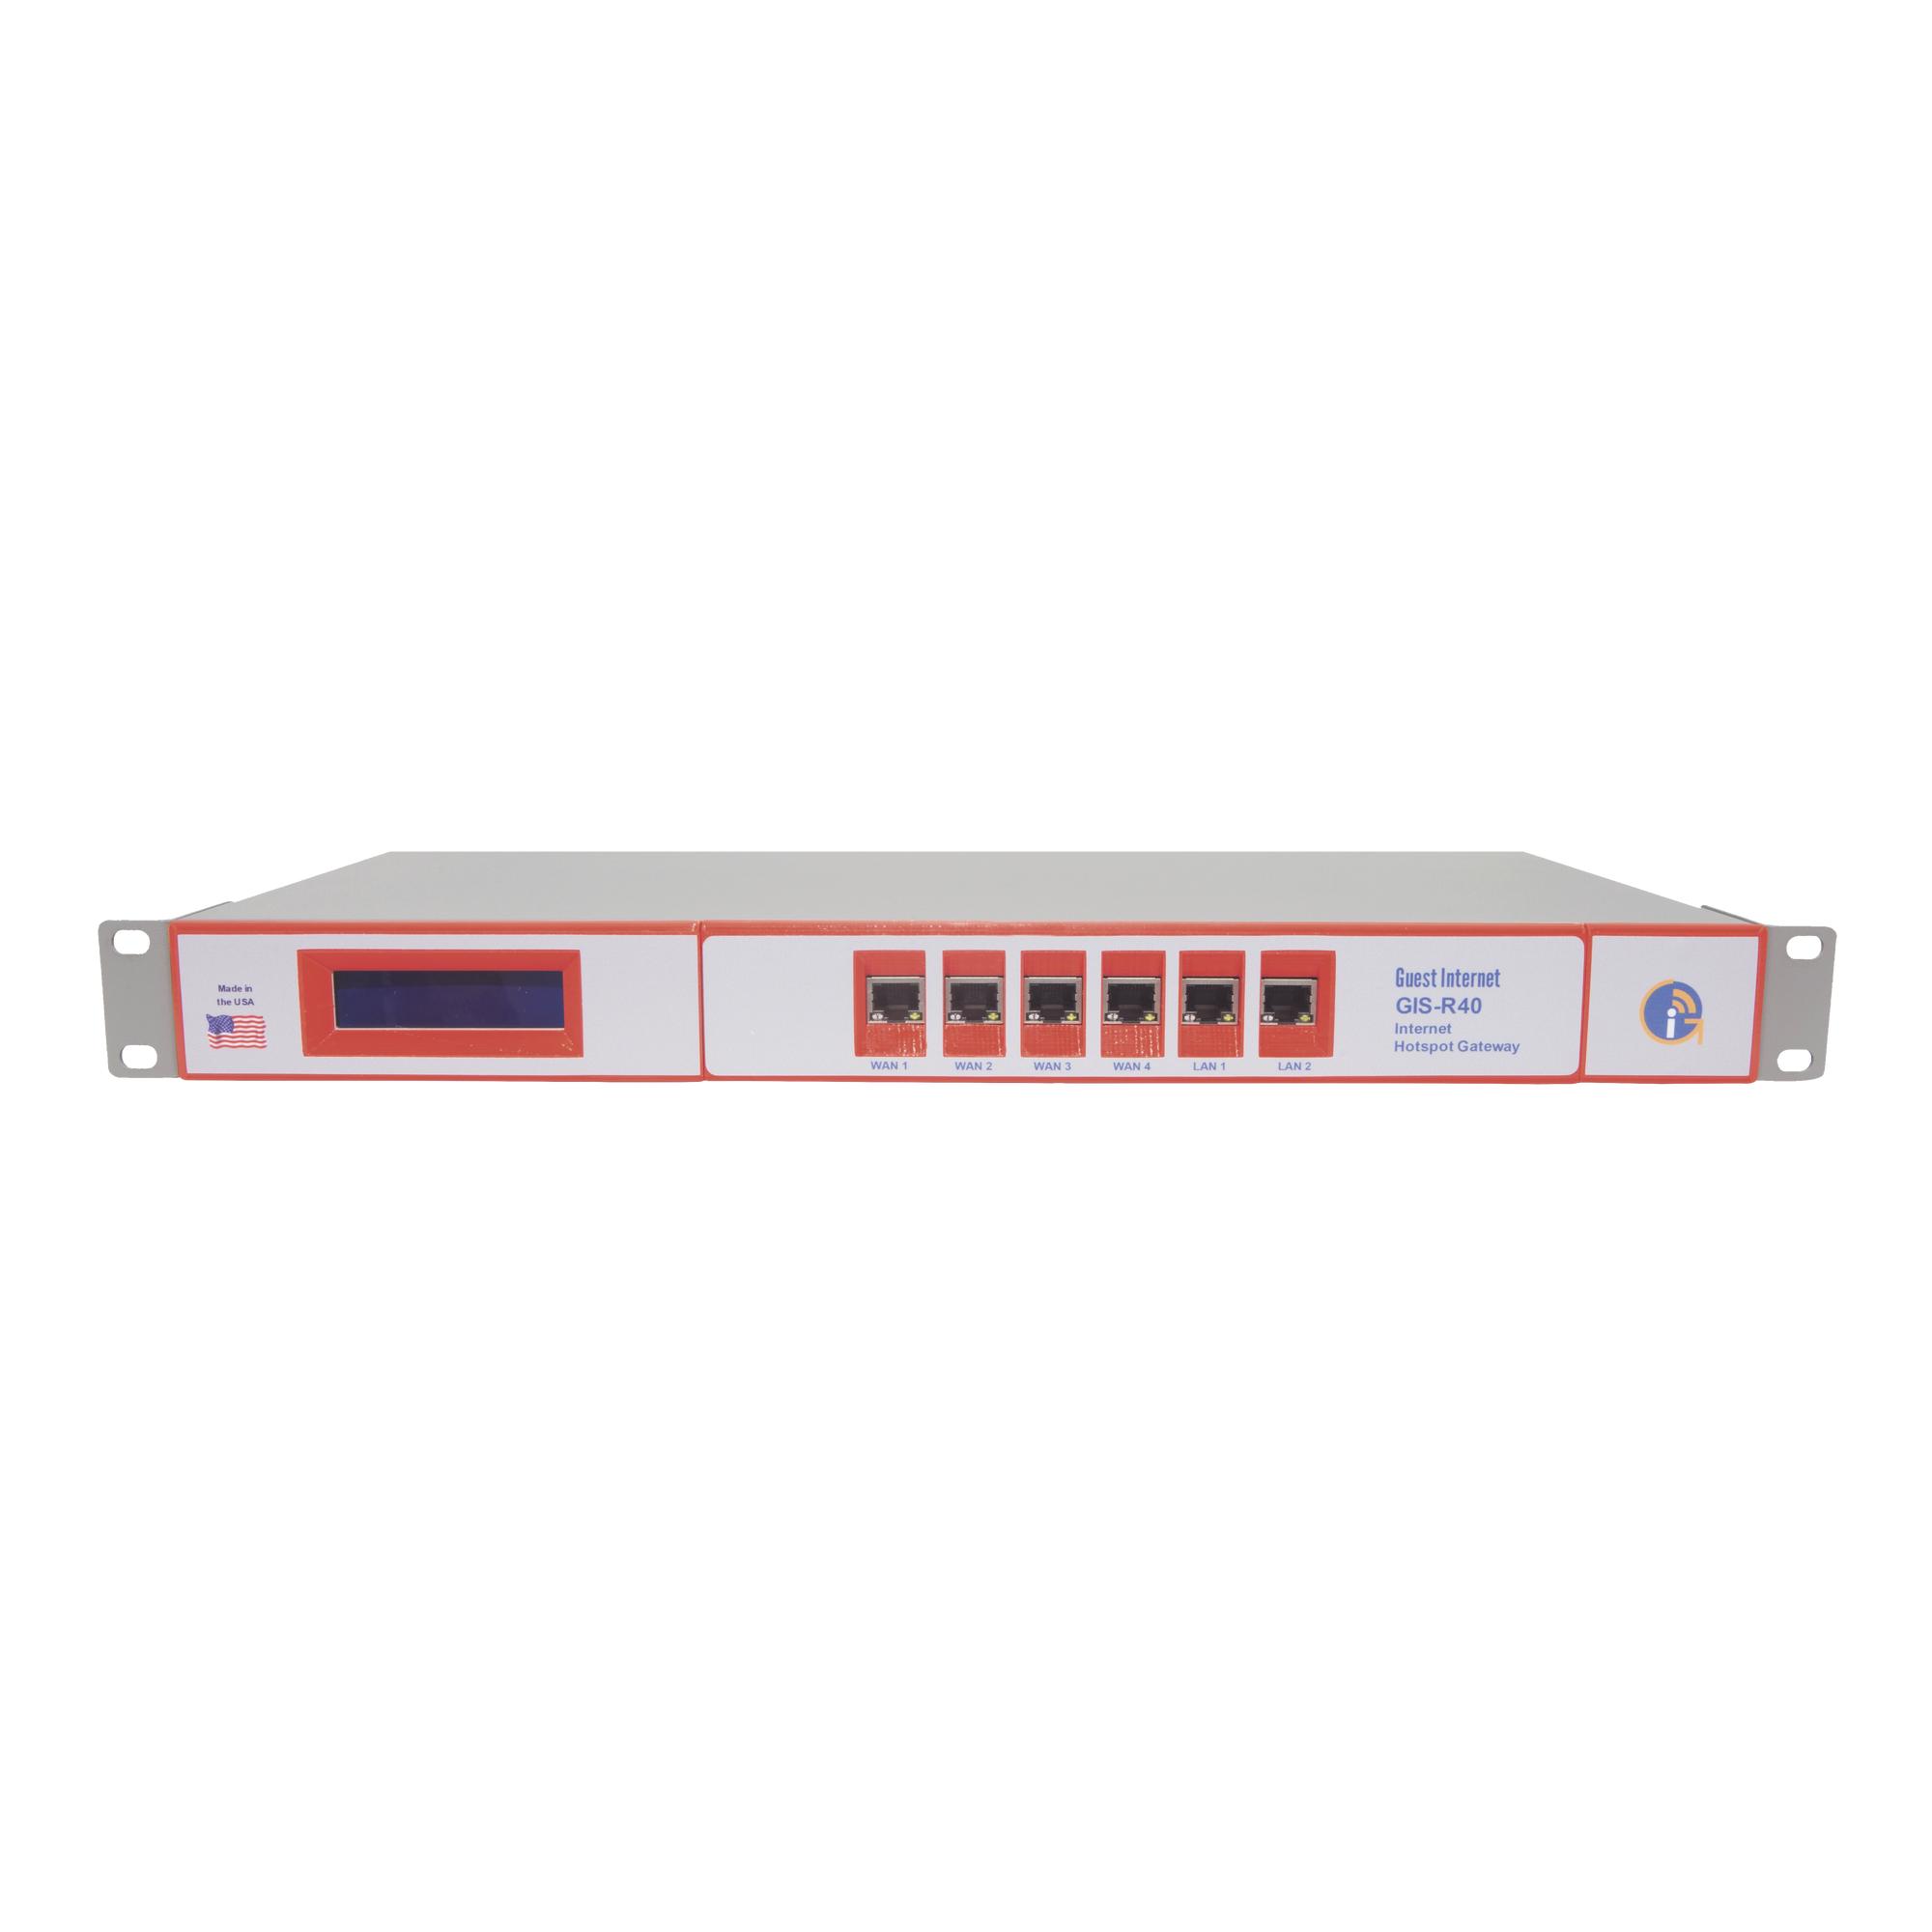 Hotspot con capacidad de hasta 1000 usuarios concurrentes, un Throughput de 300 Mbps y configuracion sencilla y rápida